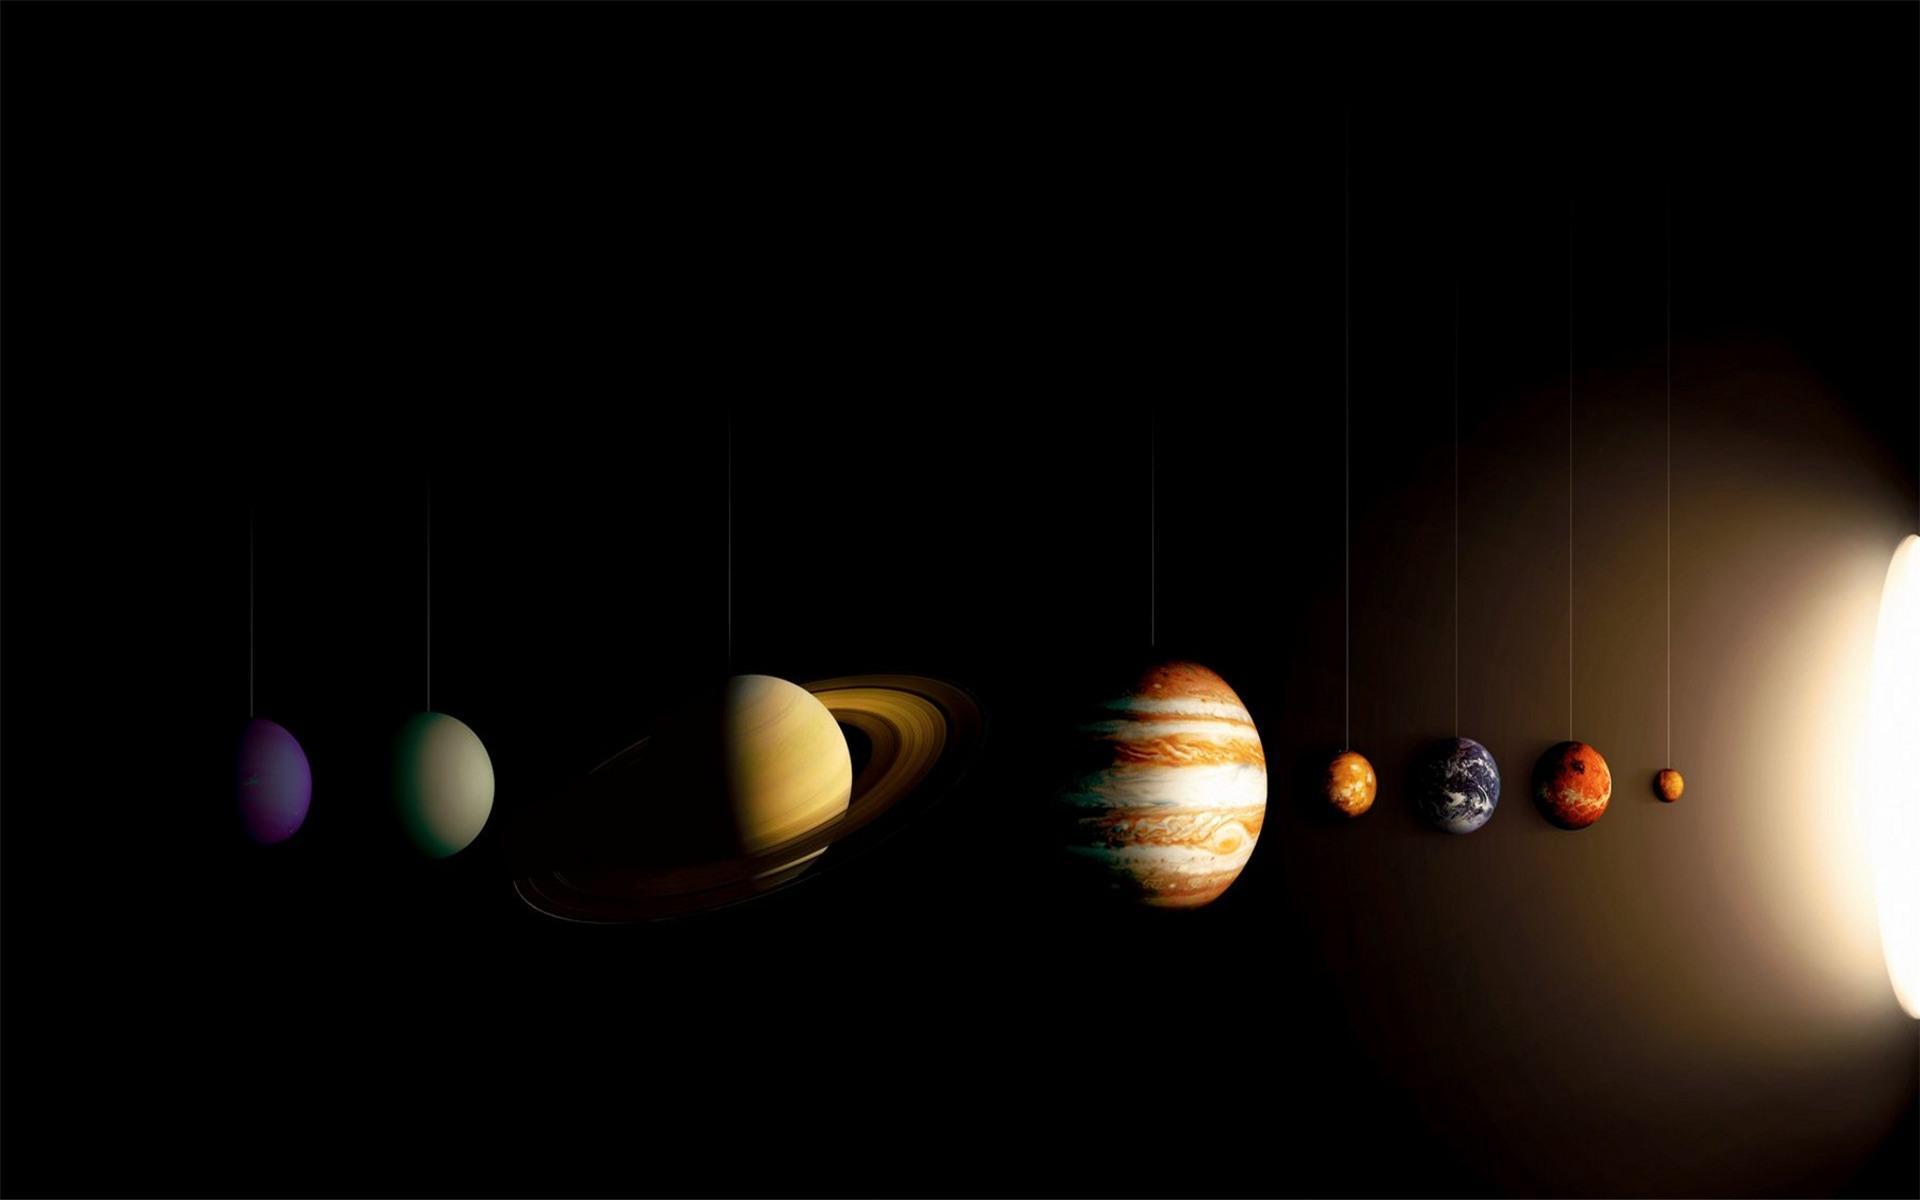 创意太阳系行星桌面图片壁纸